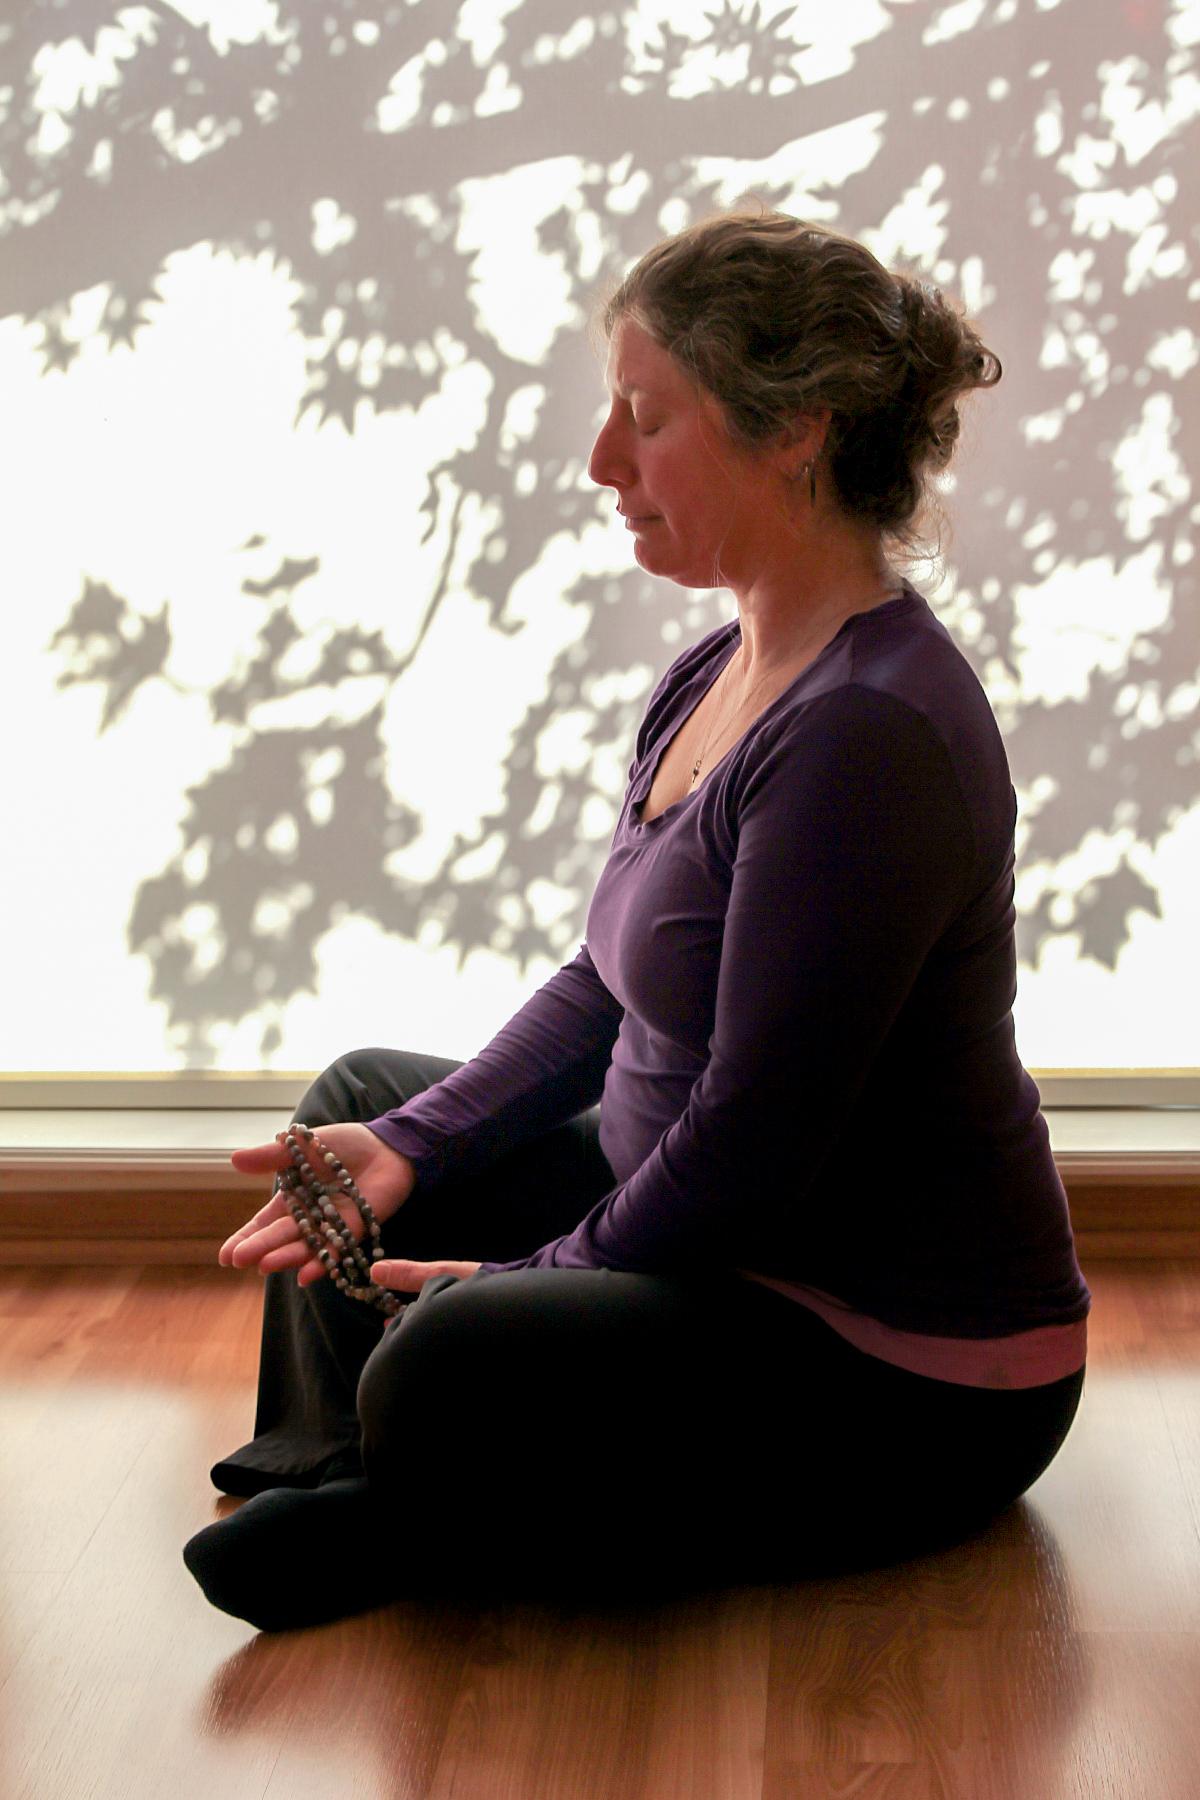 Mindfulness Meditation Workshop with Gwen McLaughlin